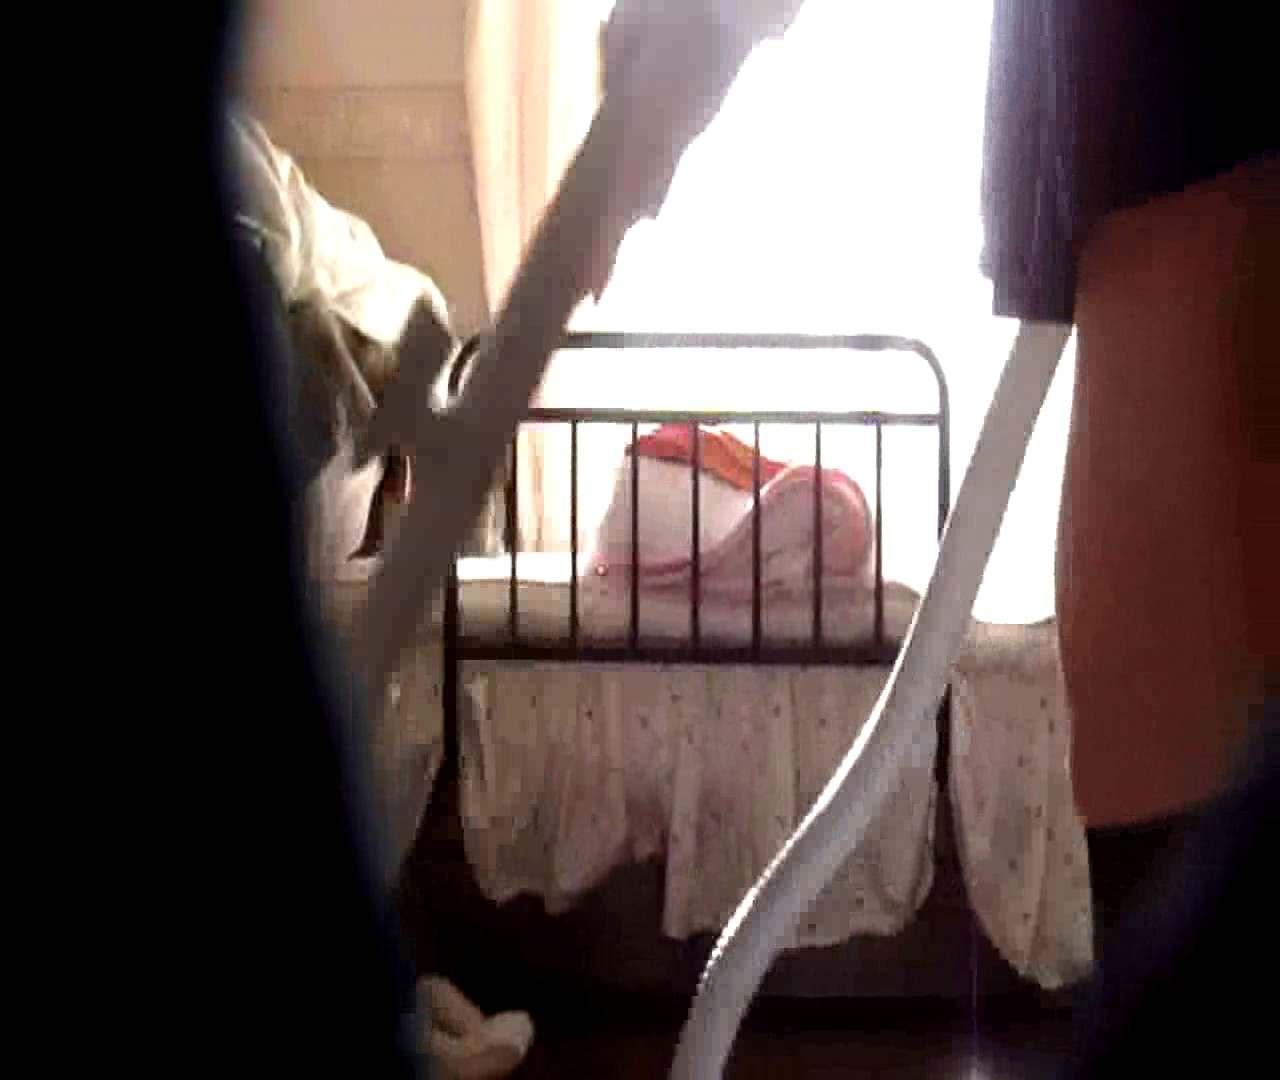 vol.3 まどかがパンツを見せながら部屋掃除、洗面所も少しどうぞ。 パンツ特集 エロ画像 106画像 13